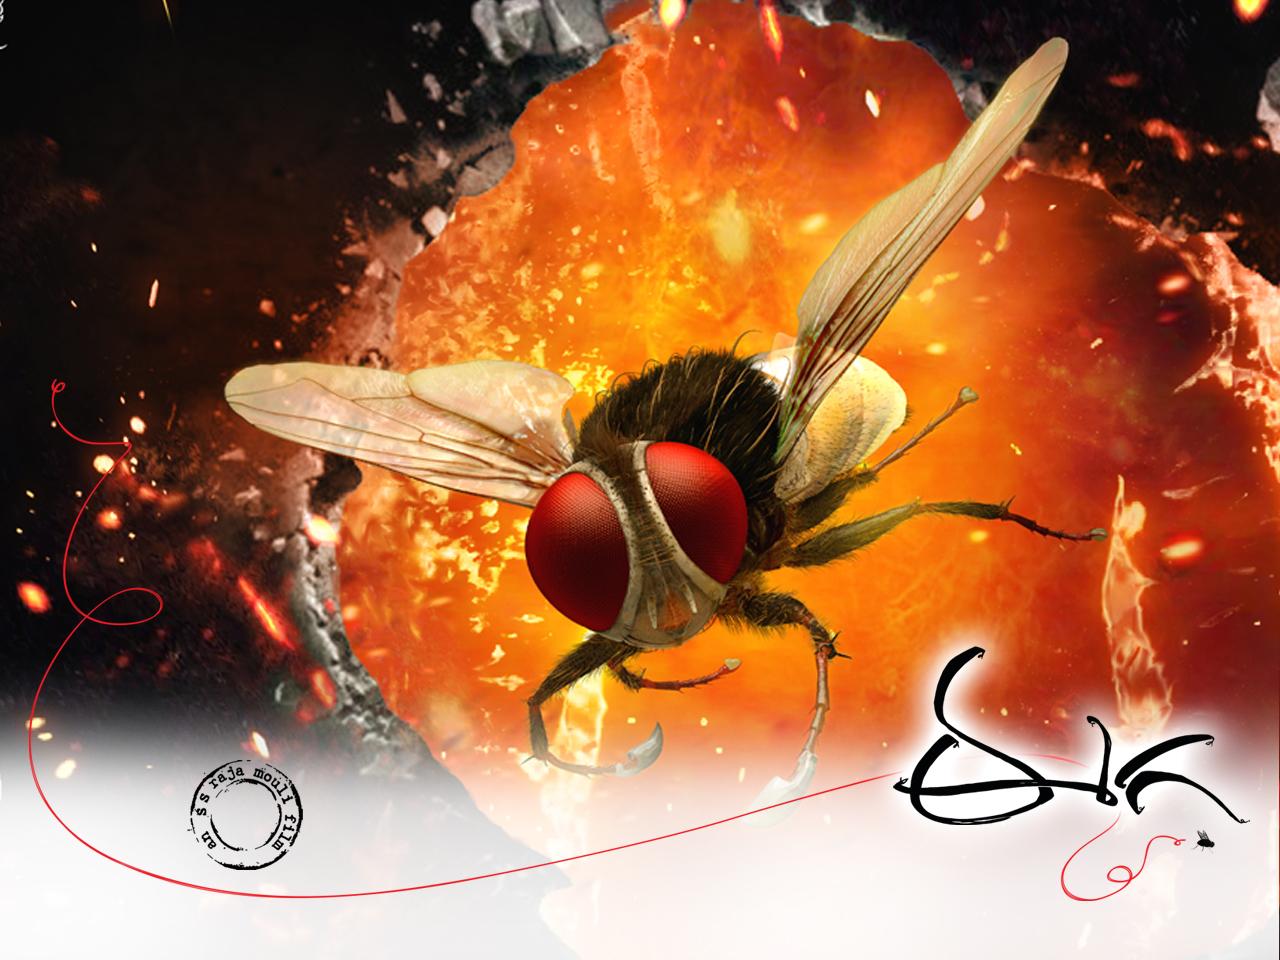 http://3.bp.blogspot.com/-o1JPuwbBZl4/T3hadcmcMsI/AAAAAAAALng/yNEmuSP3P6o/s1600/eega-wallpaper6.jpg